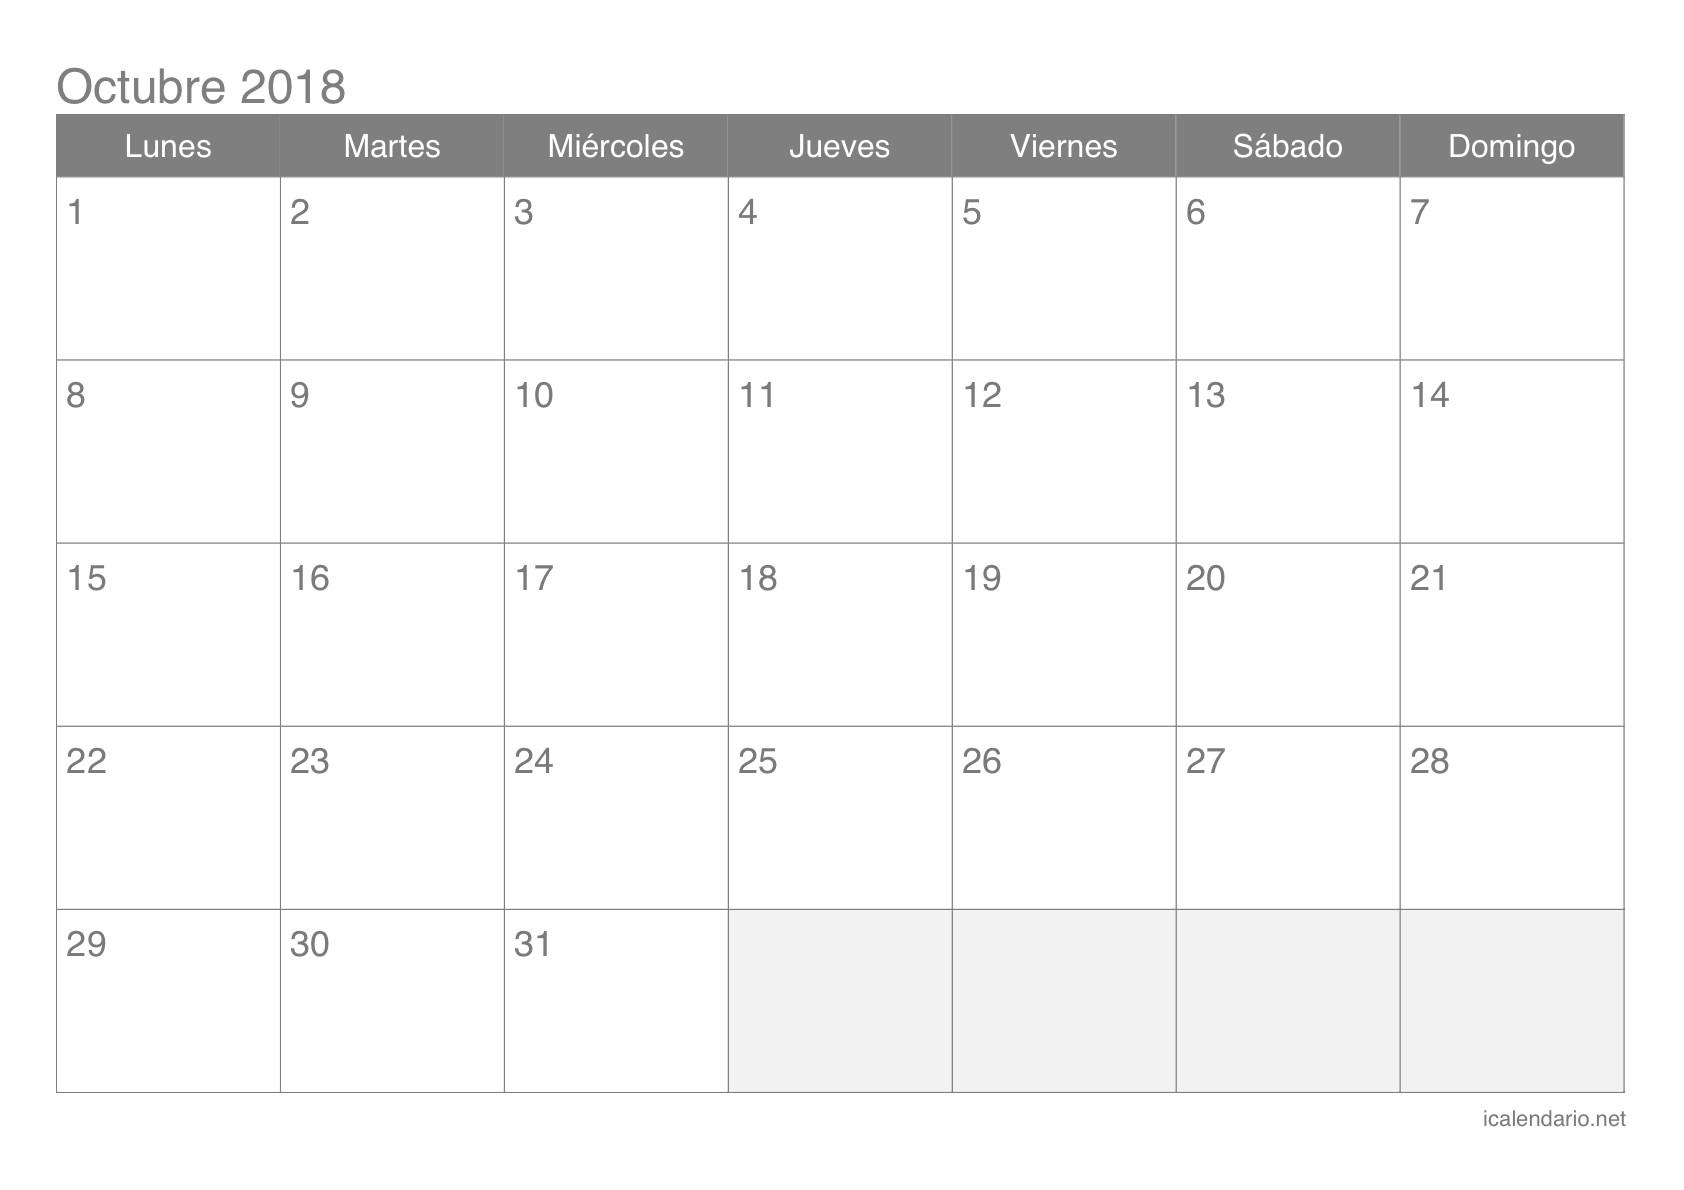 calendario octubre 2018 para imprimir icalendario net